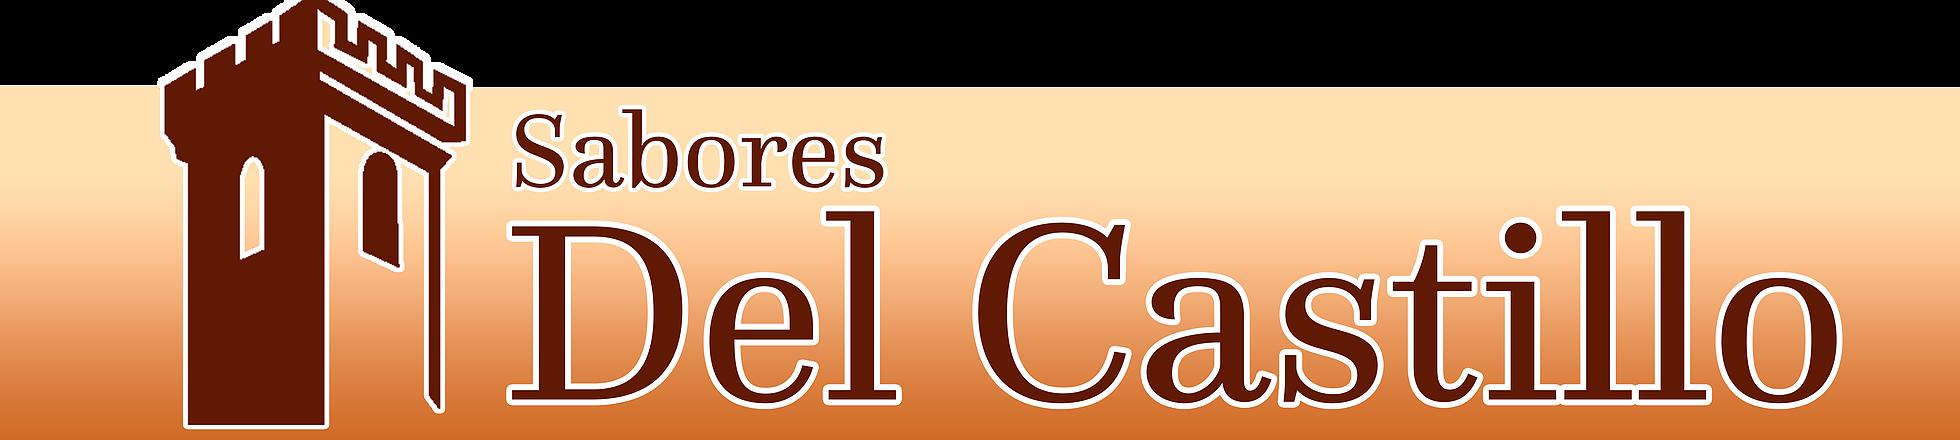 Sabores del Castillo